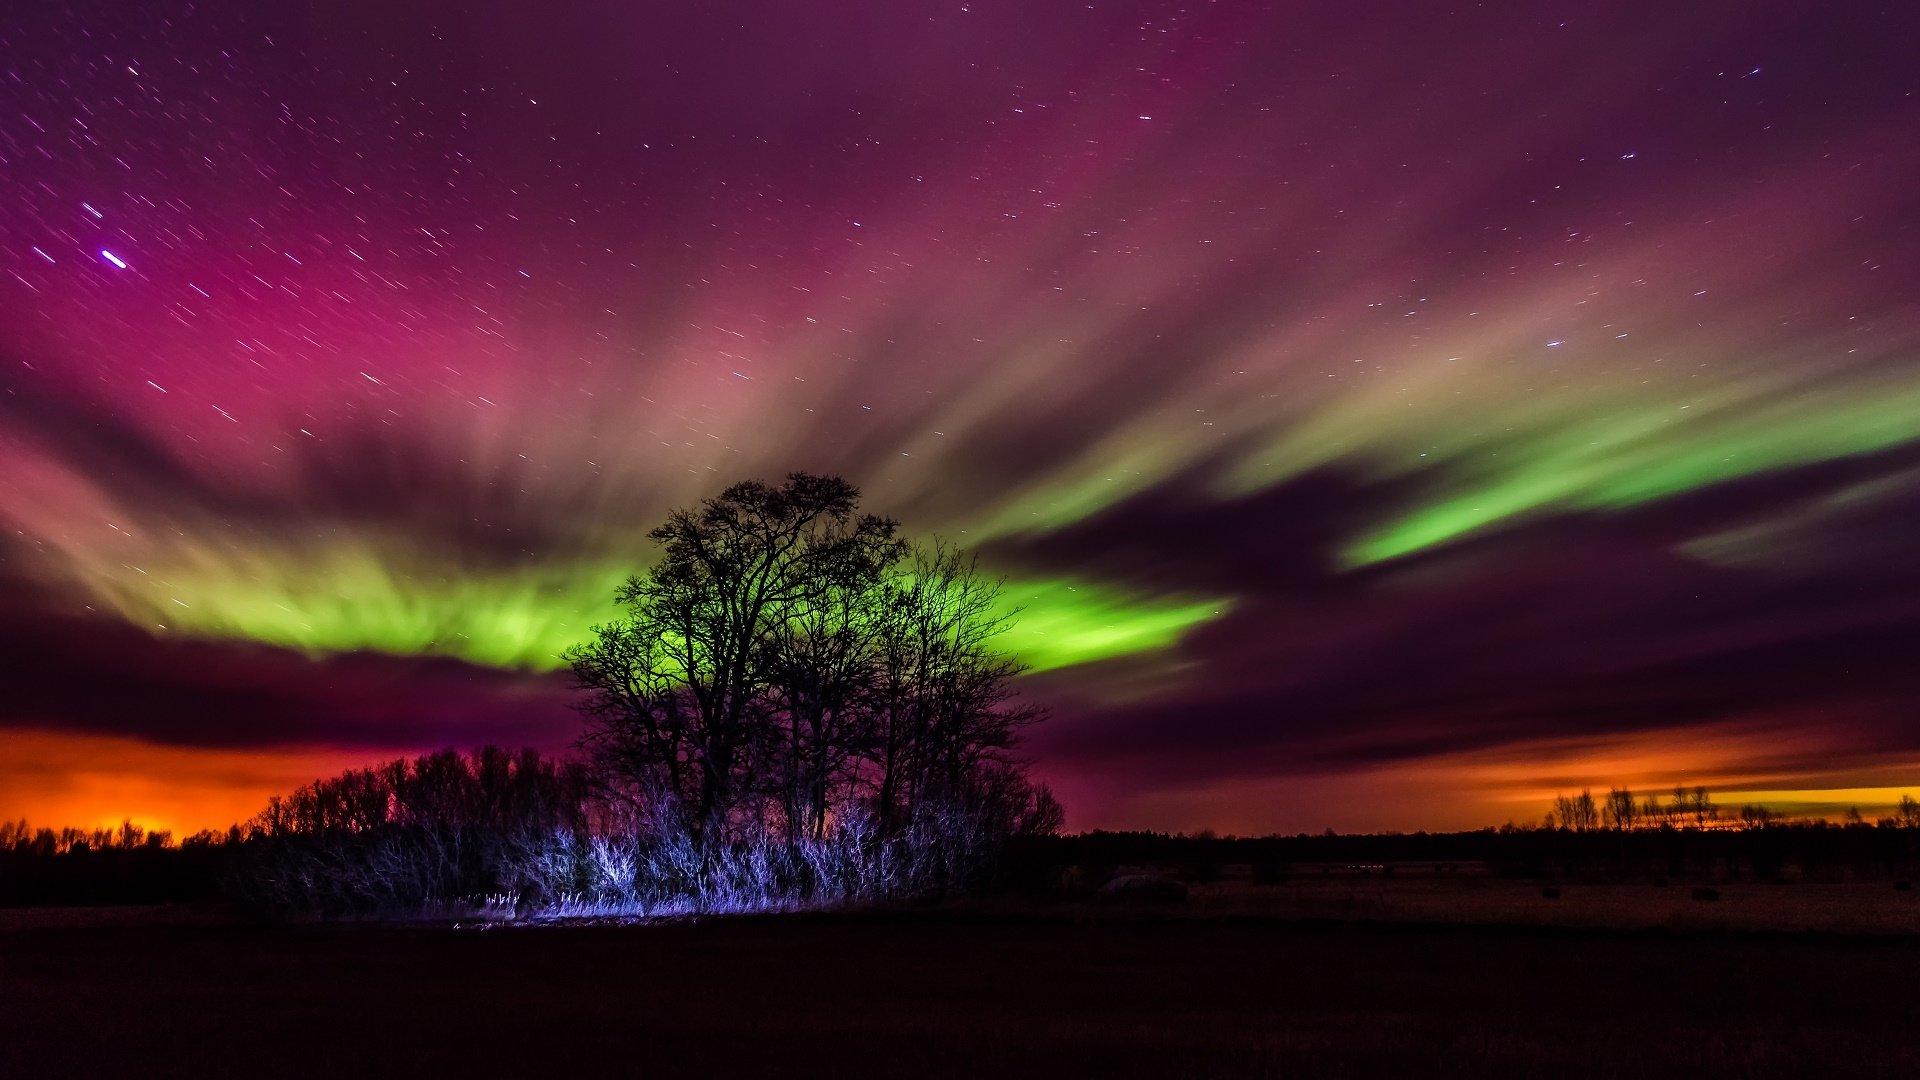 Aurora boreale hd wallpaper sfondi 1920x1080 id for Sfondi aurora boreale